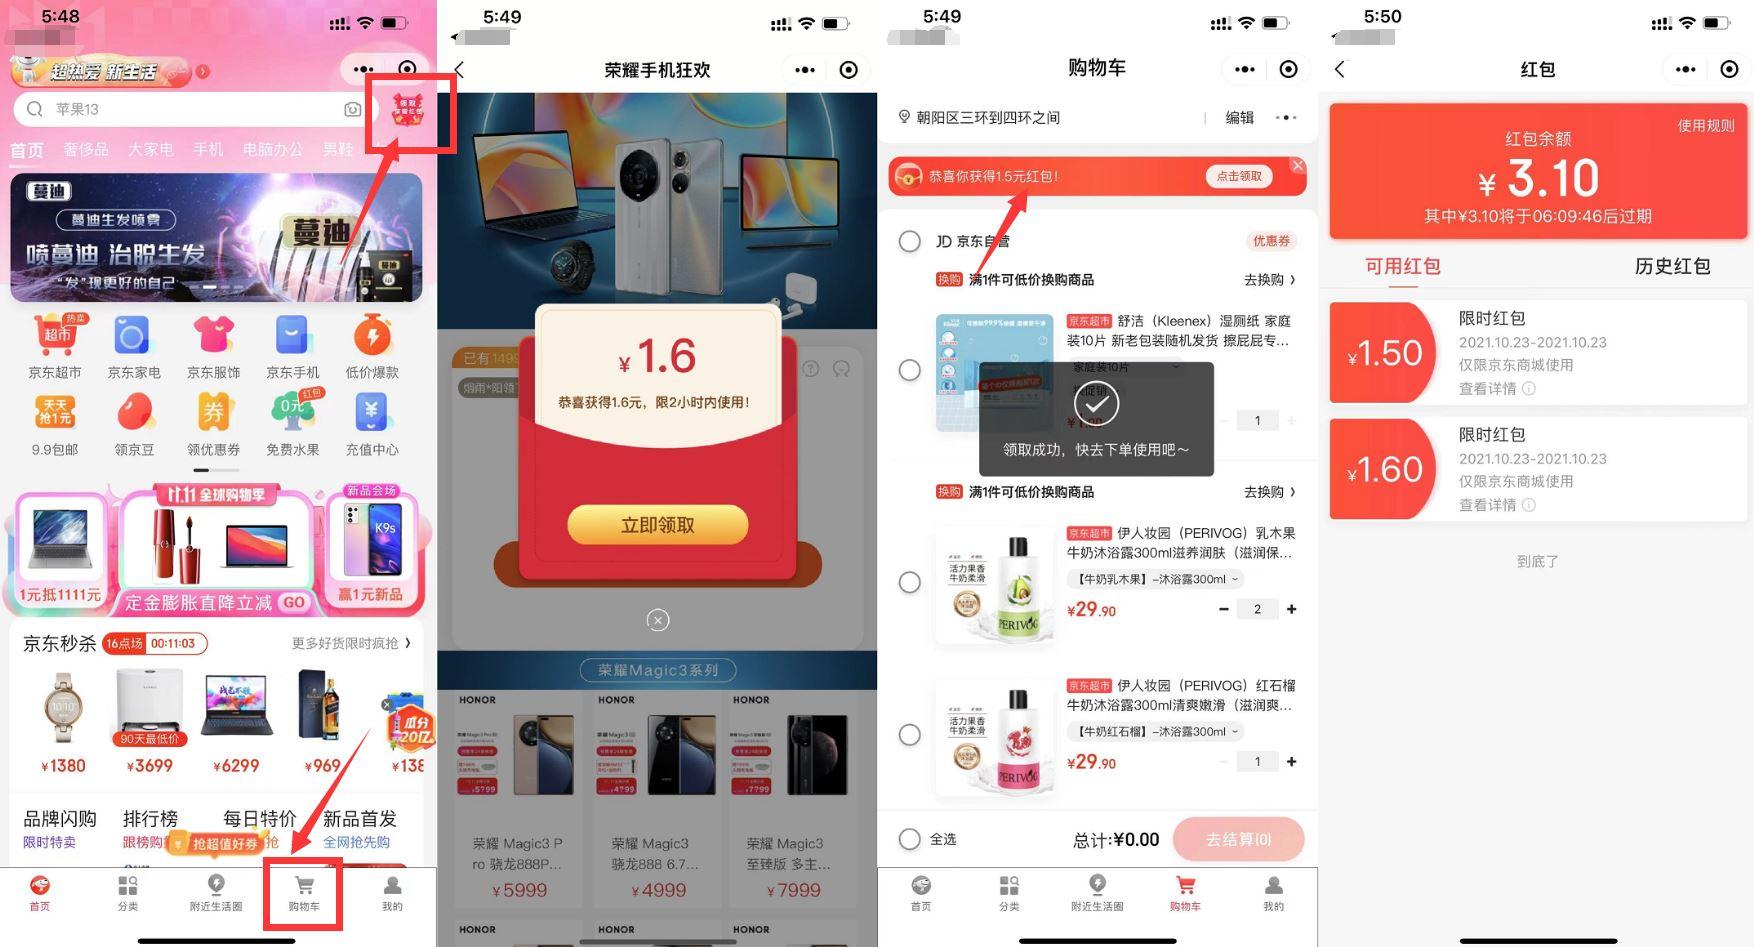 京东部分用户领3.1元购物红包-老奶狗博客